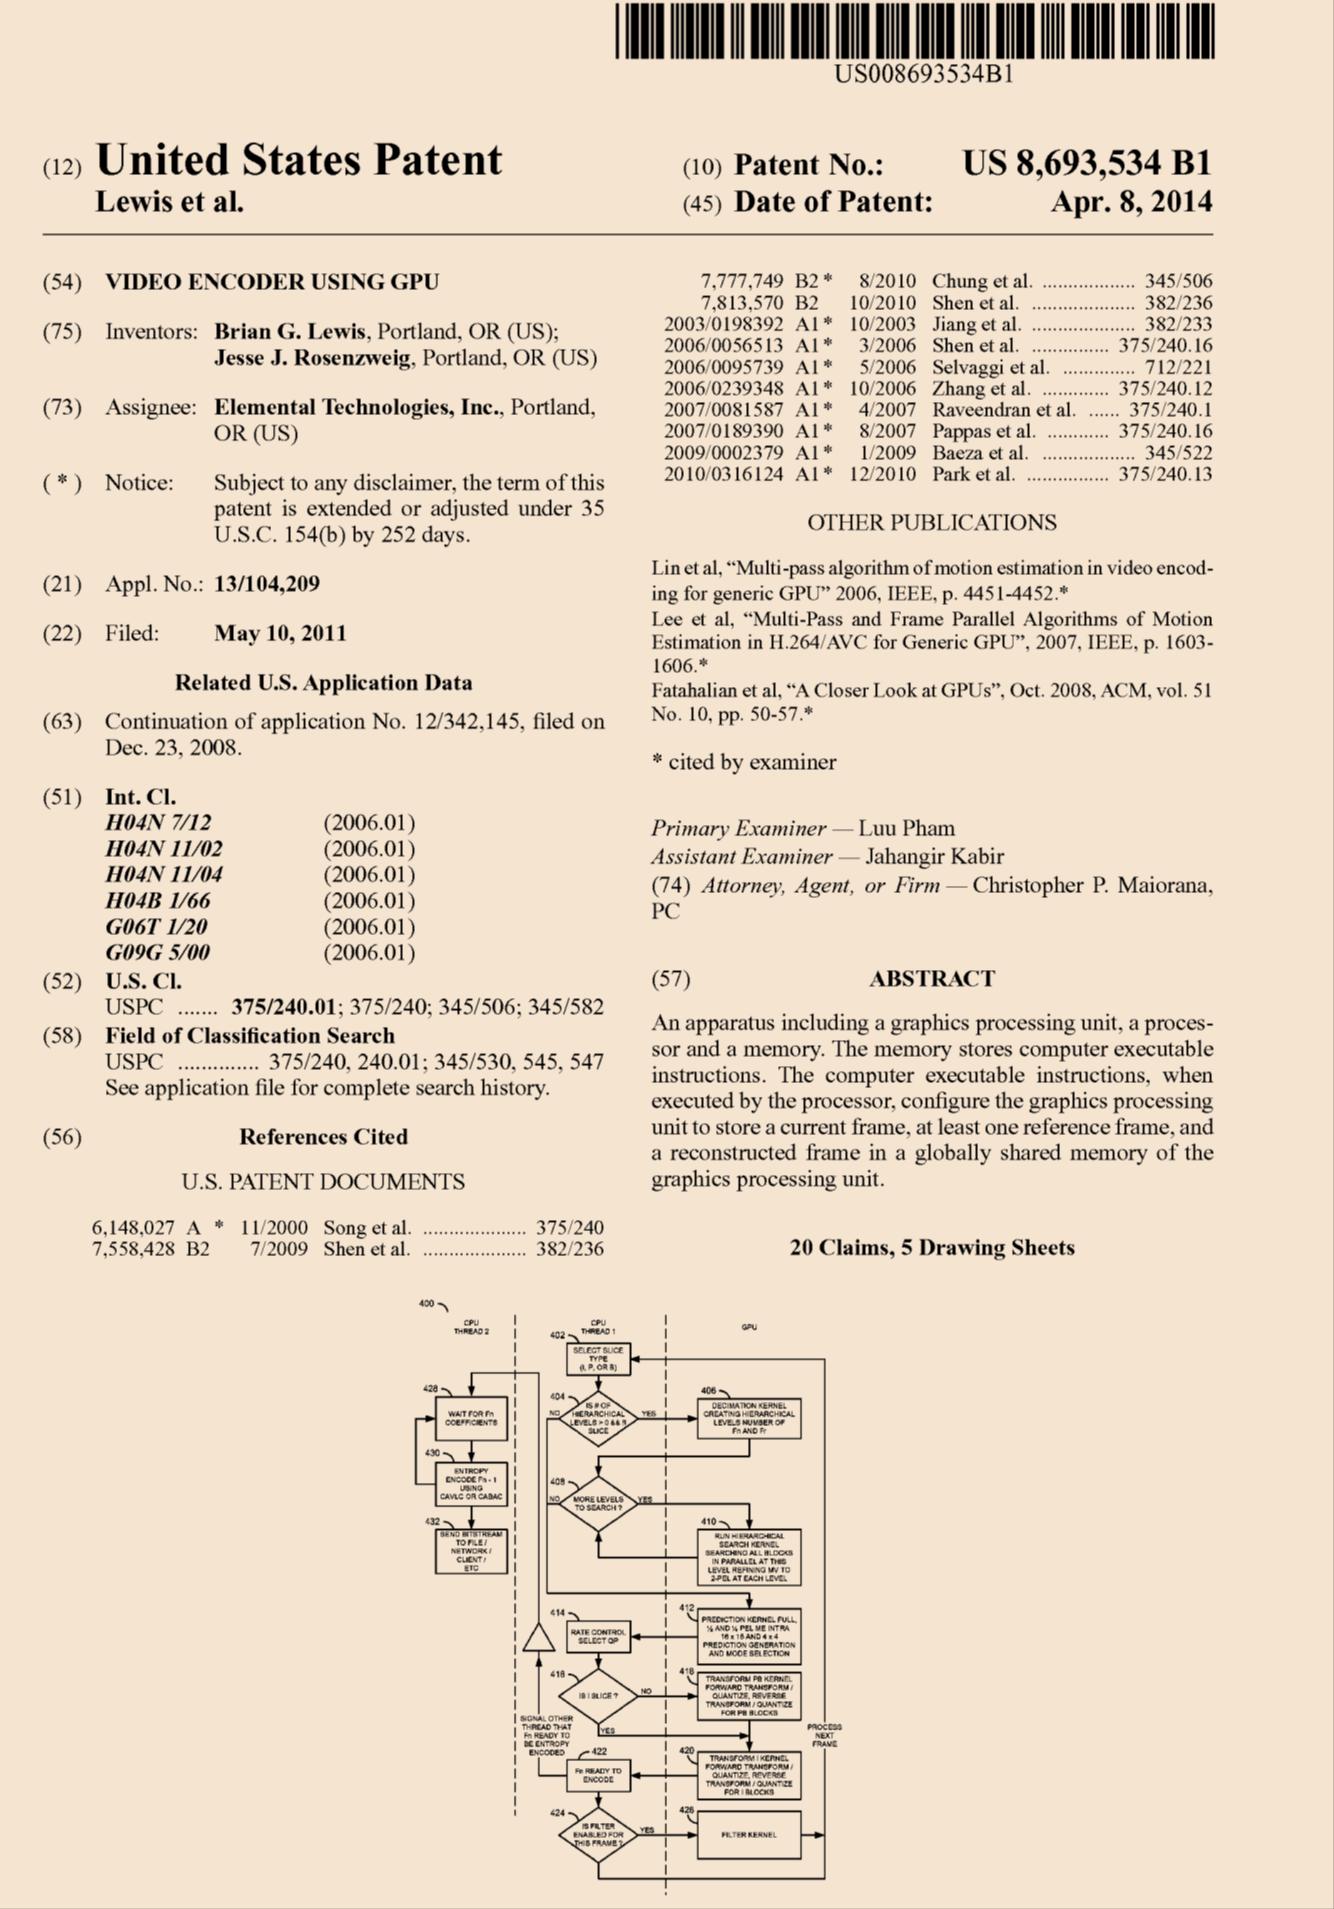 png Рисунок 1 2 Титульная страница описания изобретения к патенту США